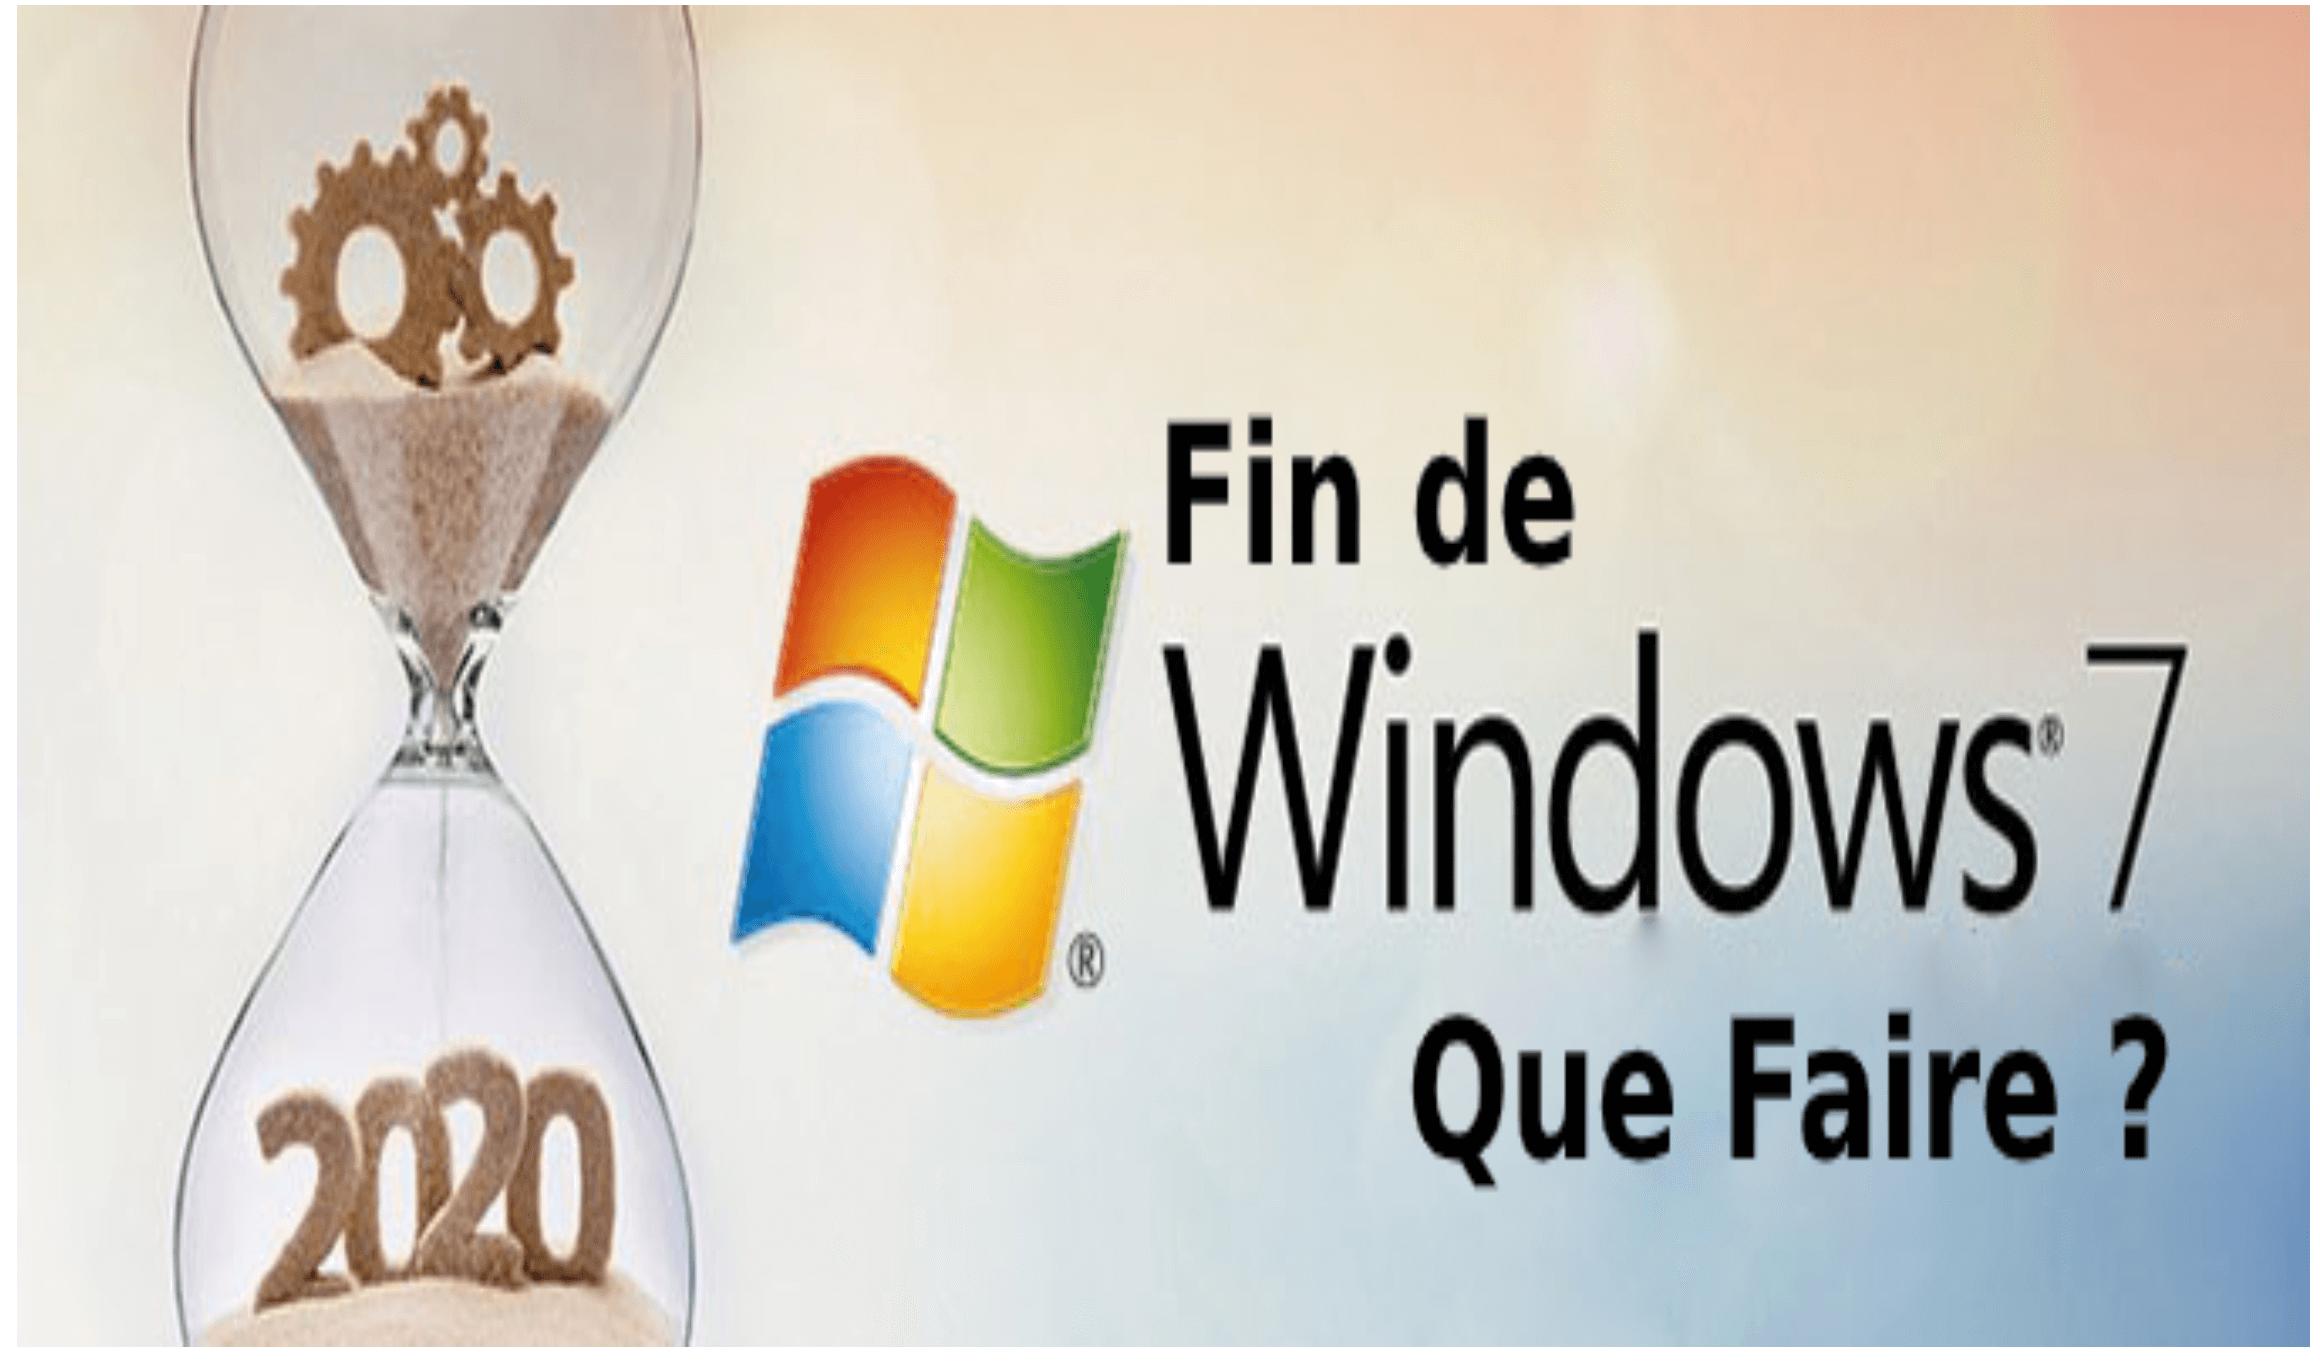 Fin de Windows 7 Que Faire, garder windows 7 après 2020, peut on rester sur windows 7 en 2020, fin de windows 7 que faire, garder windows 7 ou passer a windows 10, windows 7 ou windows 10 avis, fin de windows 7 forum, windows 7 vers windows 10, comment passer de windows 7 à 10 gratuitement